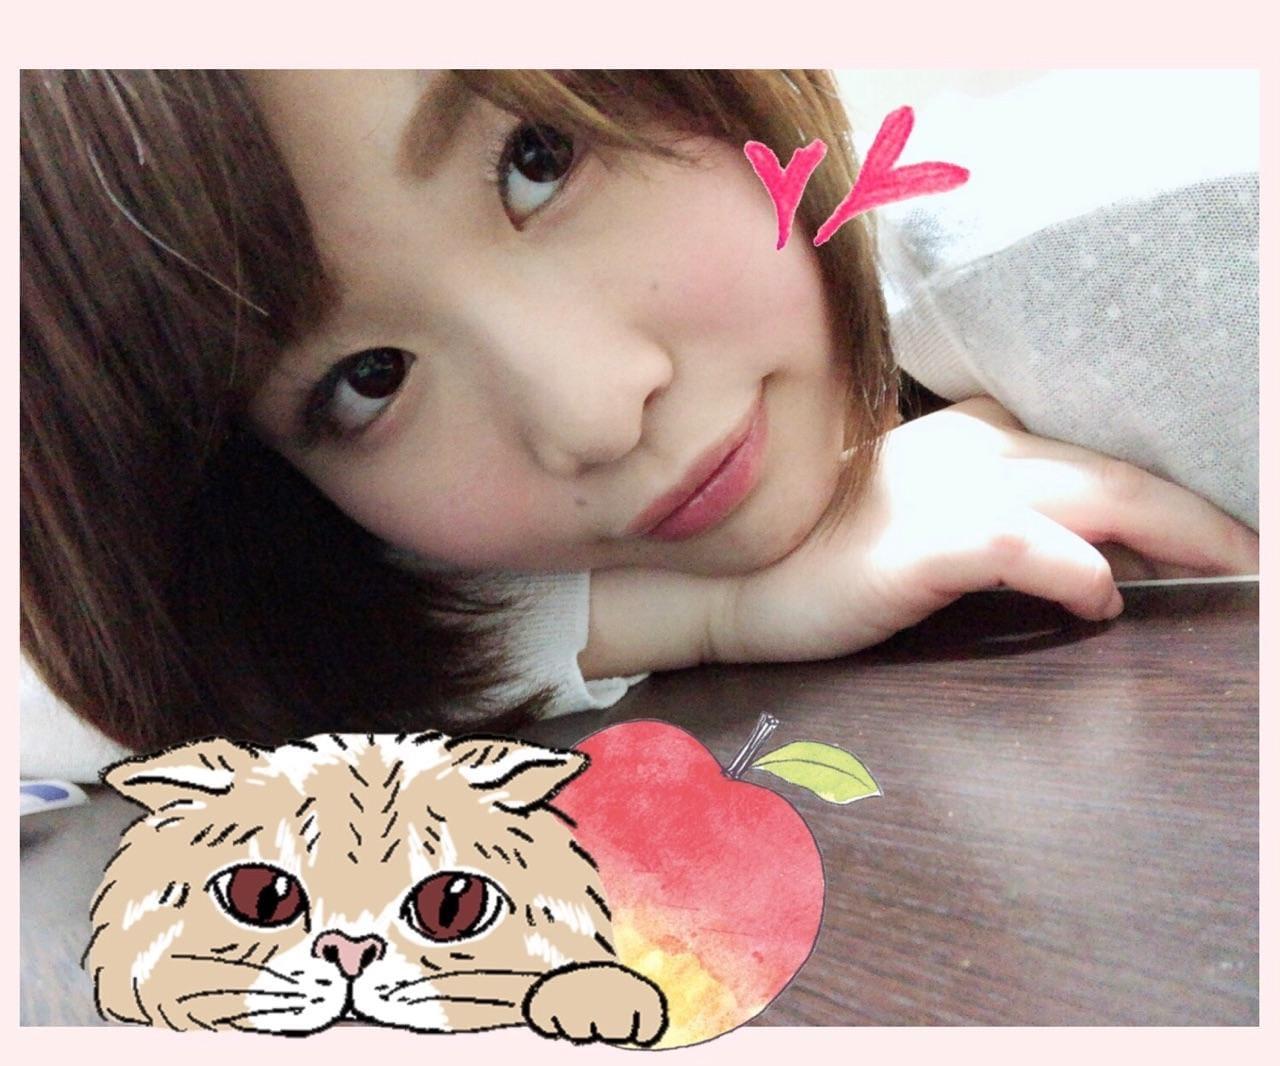 「帰宅したなり!」07/22(07/22) 03:54 | りんごの写メ・風俗動画